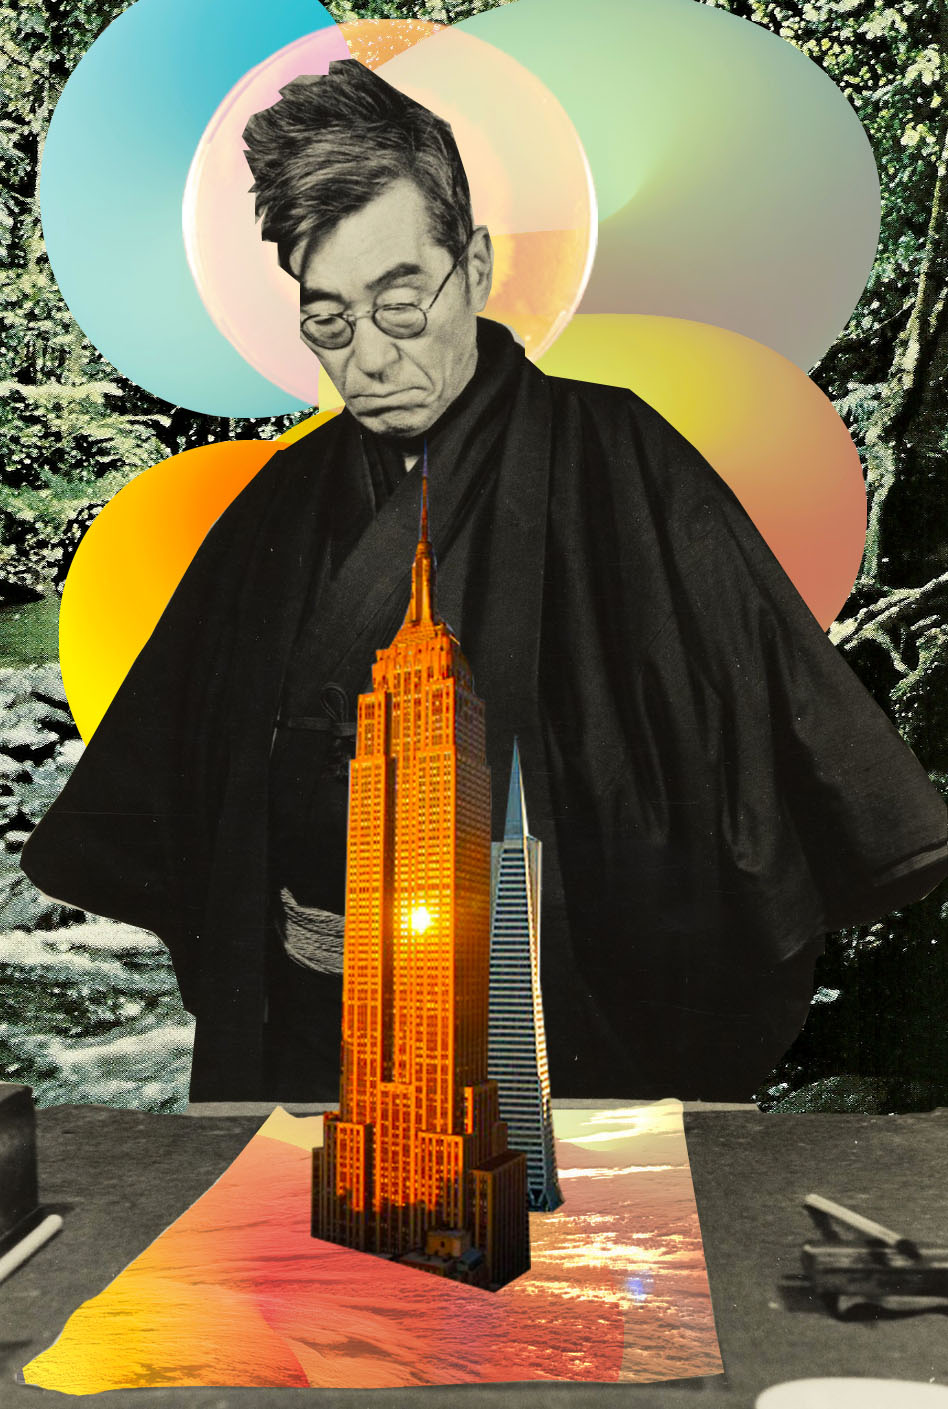 Capitalism Zen [collage, 2015]